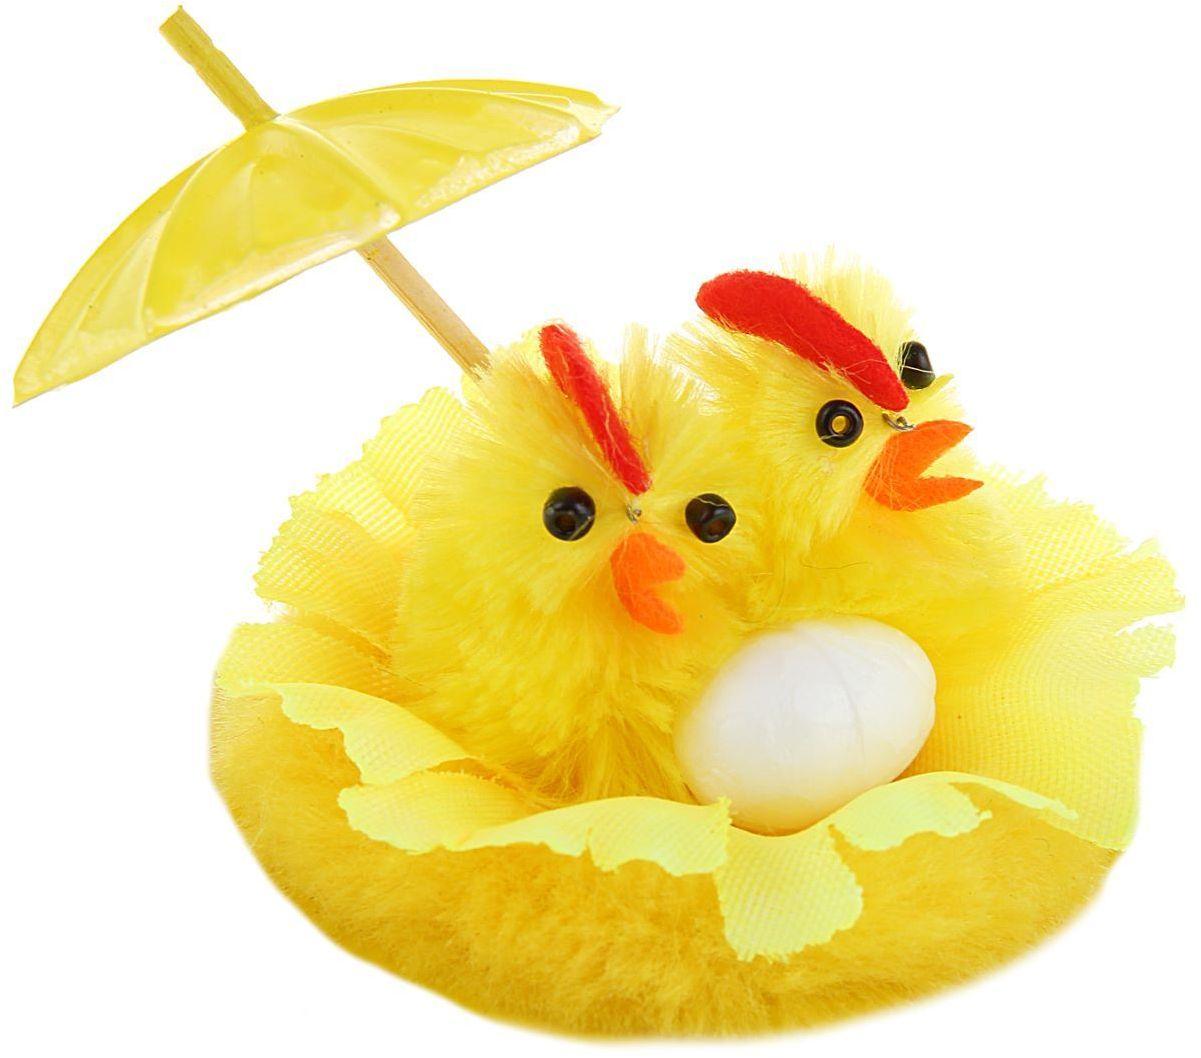 Сувенир пасхальный Sima-land Цыплята с зонтиком, 7 х 7 х 4,5 смTHN132NСувенир Цыплята с зонтиком — самый популярный пасхальный декор. Фигурками цып принято декорировать праздничный пасхальный стол во многих странах мира. Россия не исключение.Вы можете украсить таким замечательным сувениром тарелку гостей, превратив её в гнездо. Или преподнести его в качестве подарка близкому человеку. Удивите себя и родных!